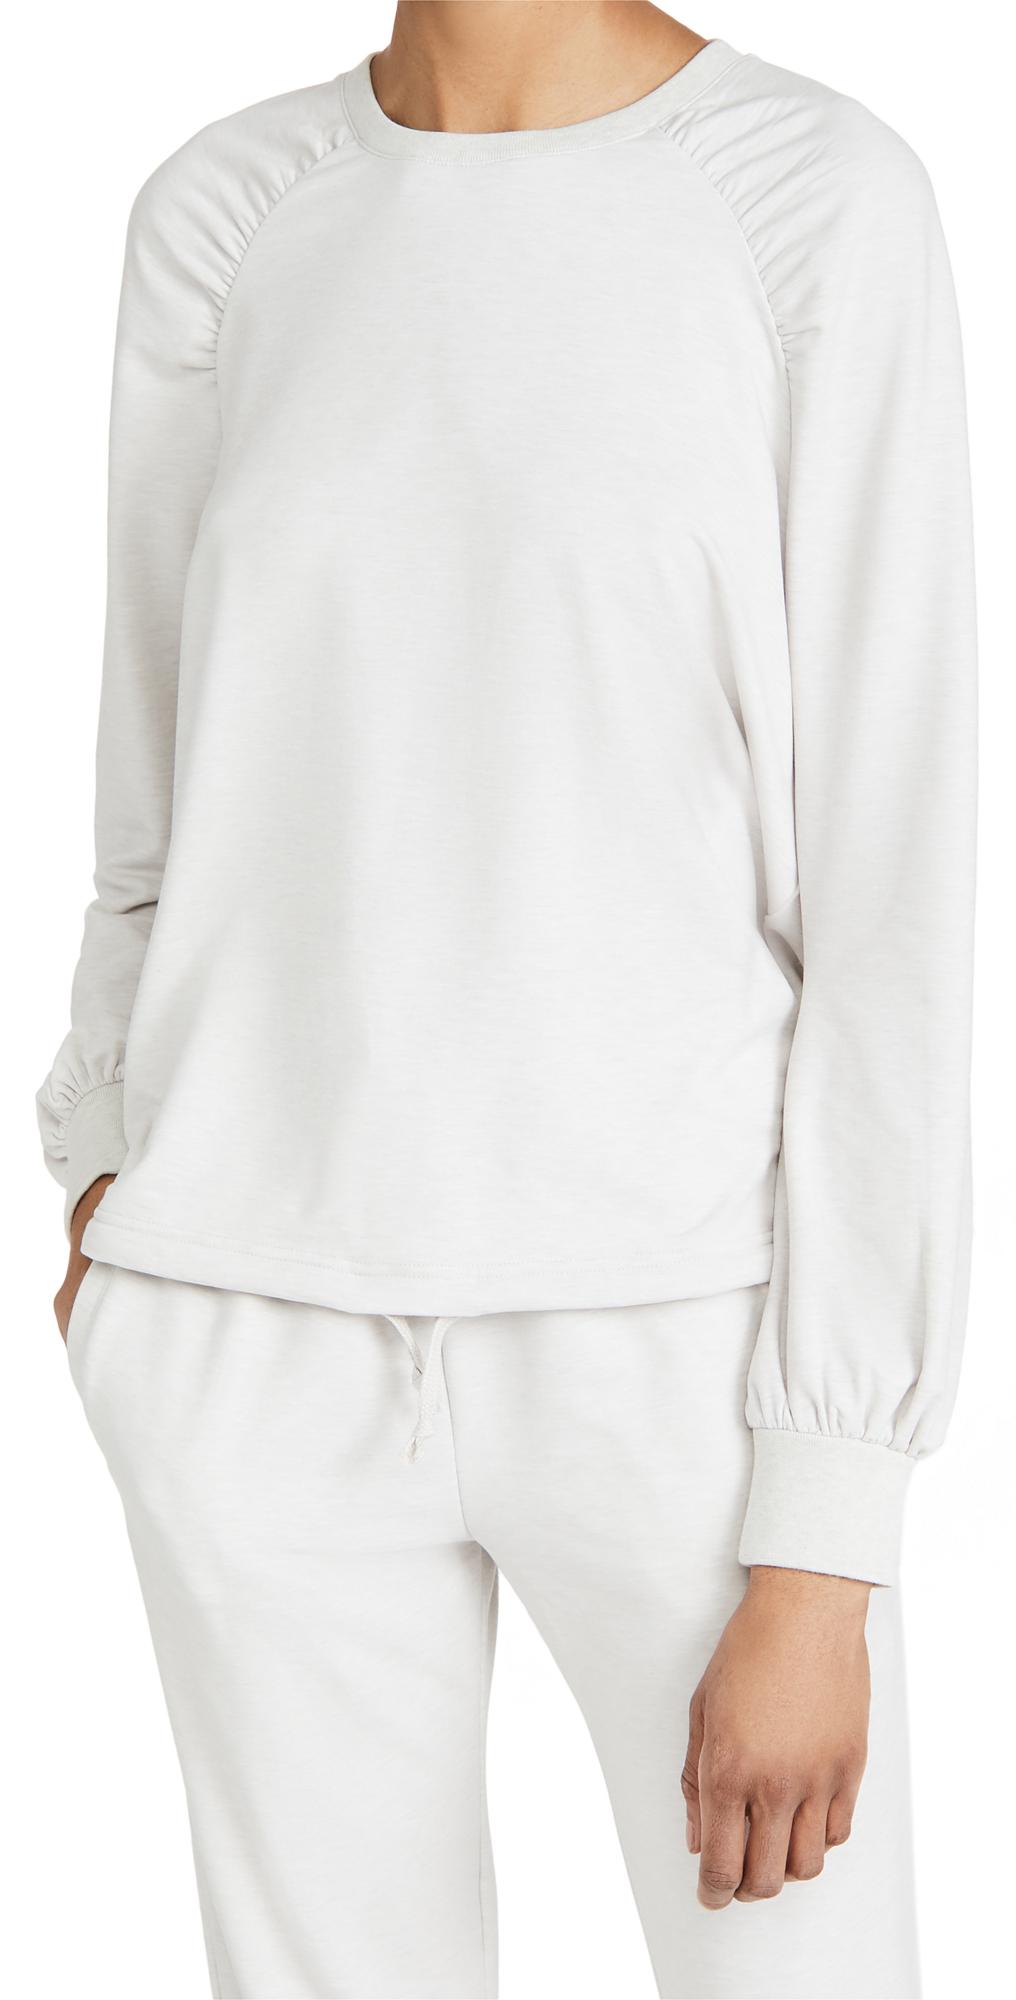 The Upside Marion Crew Sweatshirt